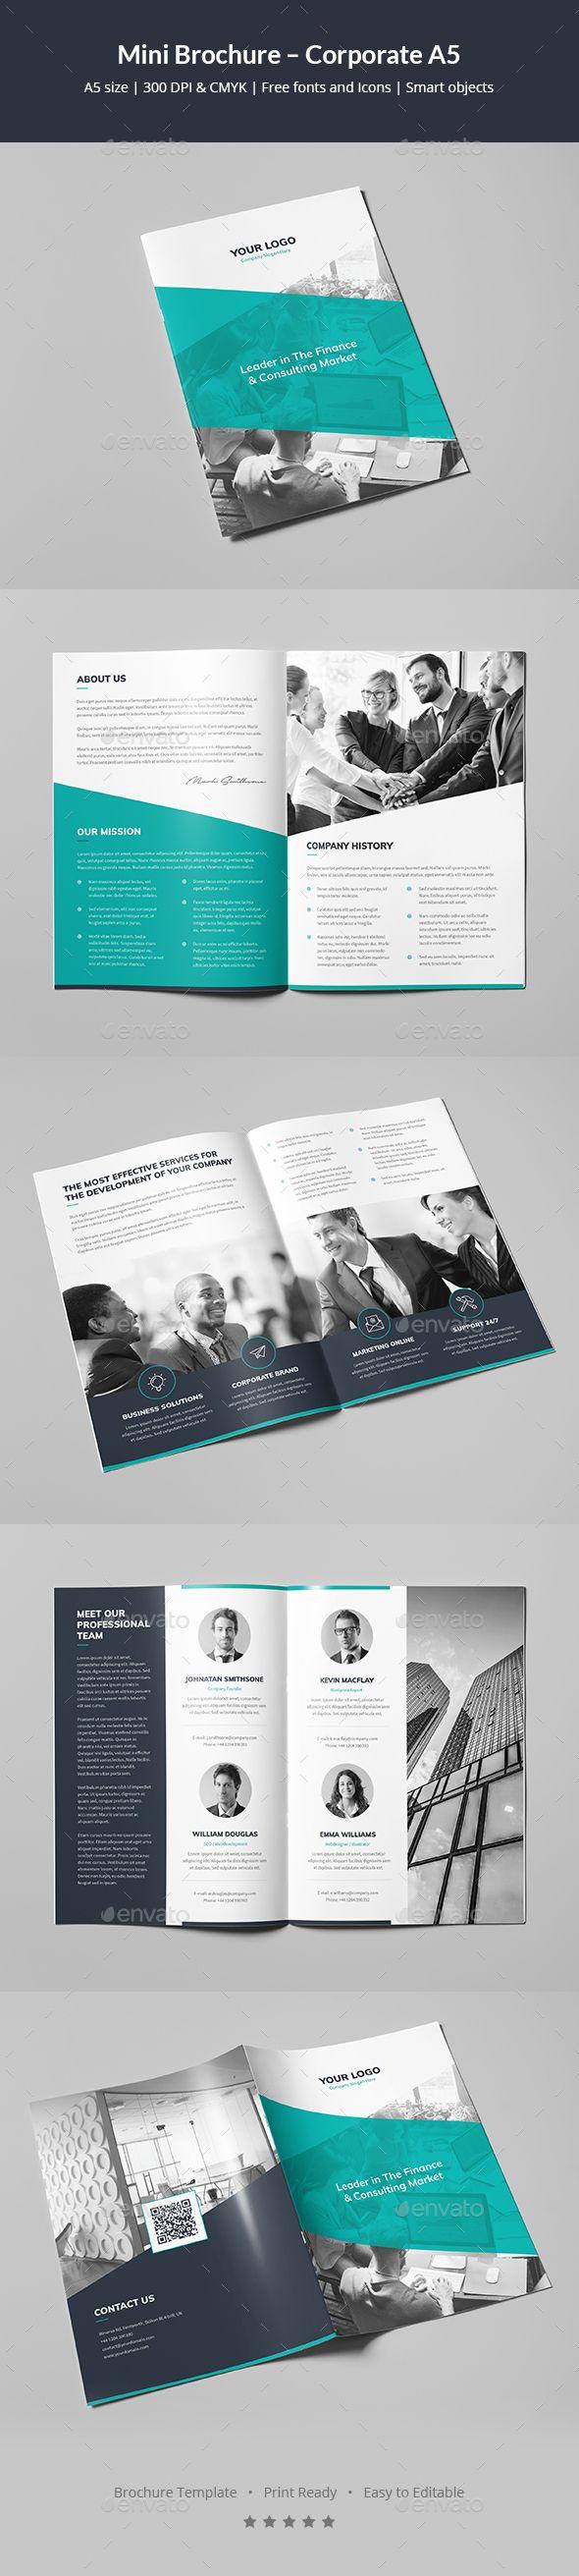 mini brochure corporate a5 corporate brochures brochure